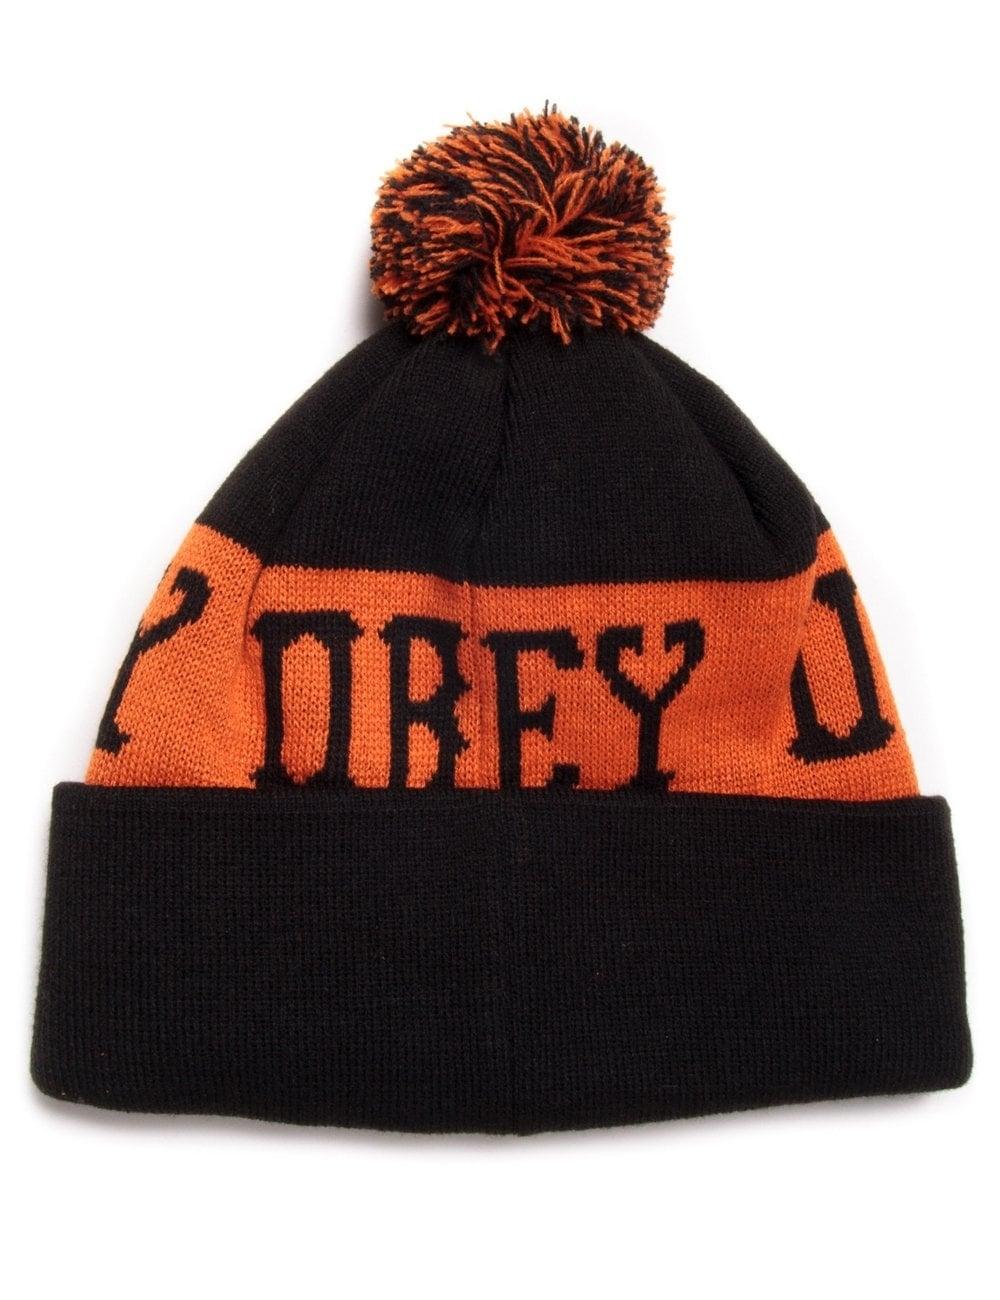 3ccb7a418 Crowned Pom Pom Beanie - Black/Orange